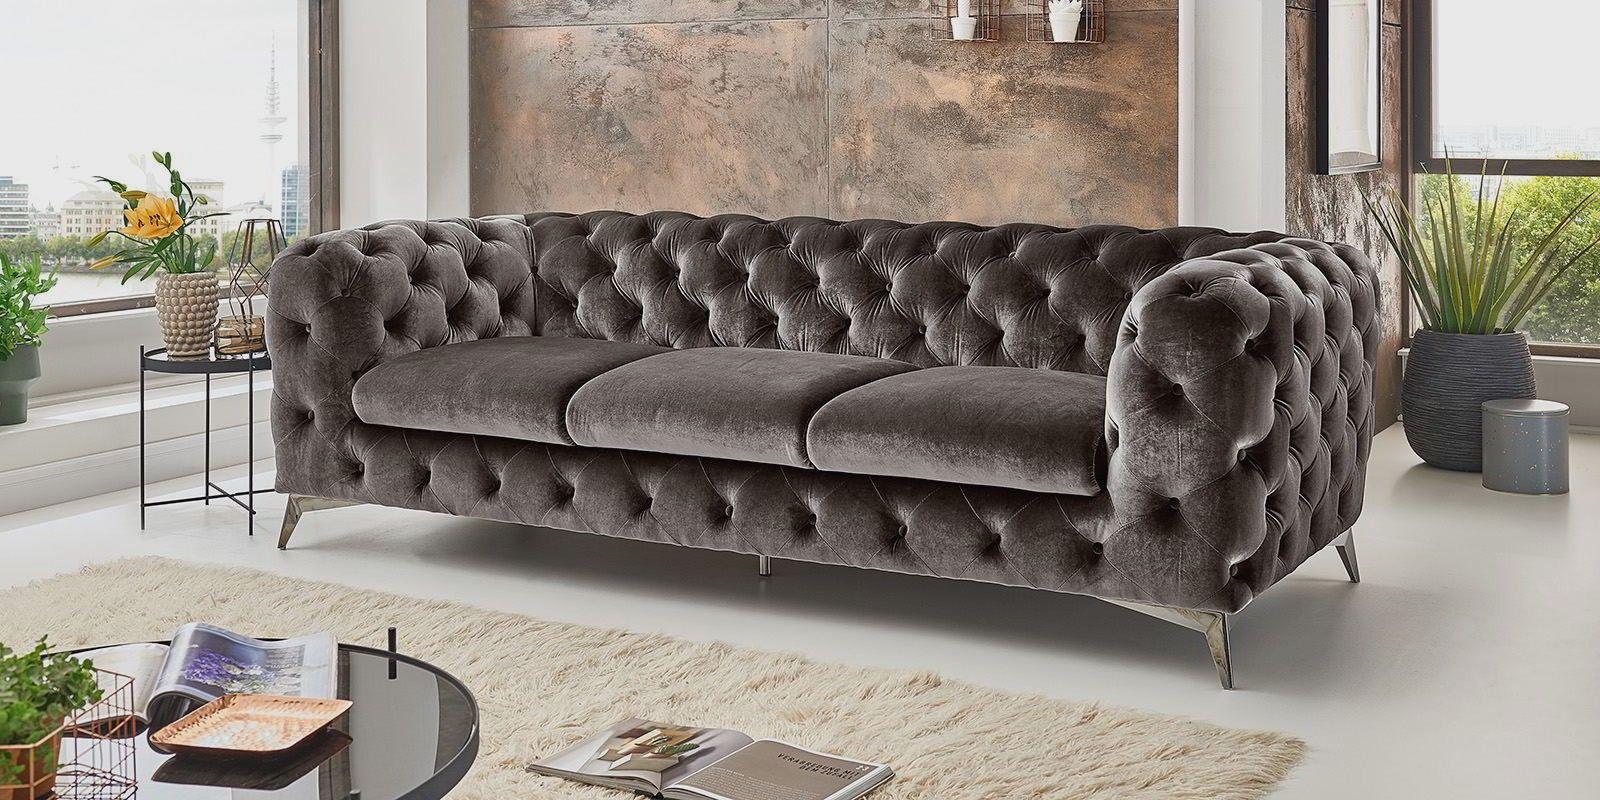 16 Außergewöhnliche Wohnzimmer Ideen Chesterfield Den Sie